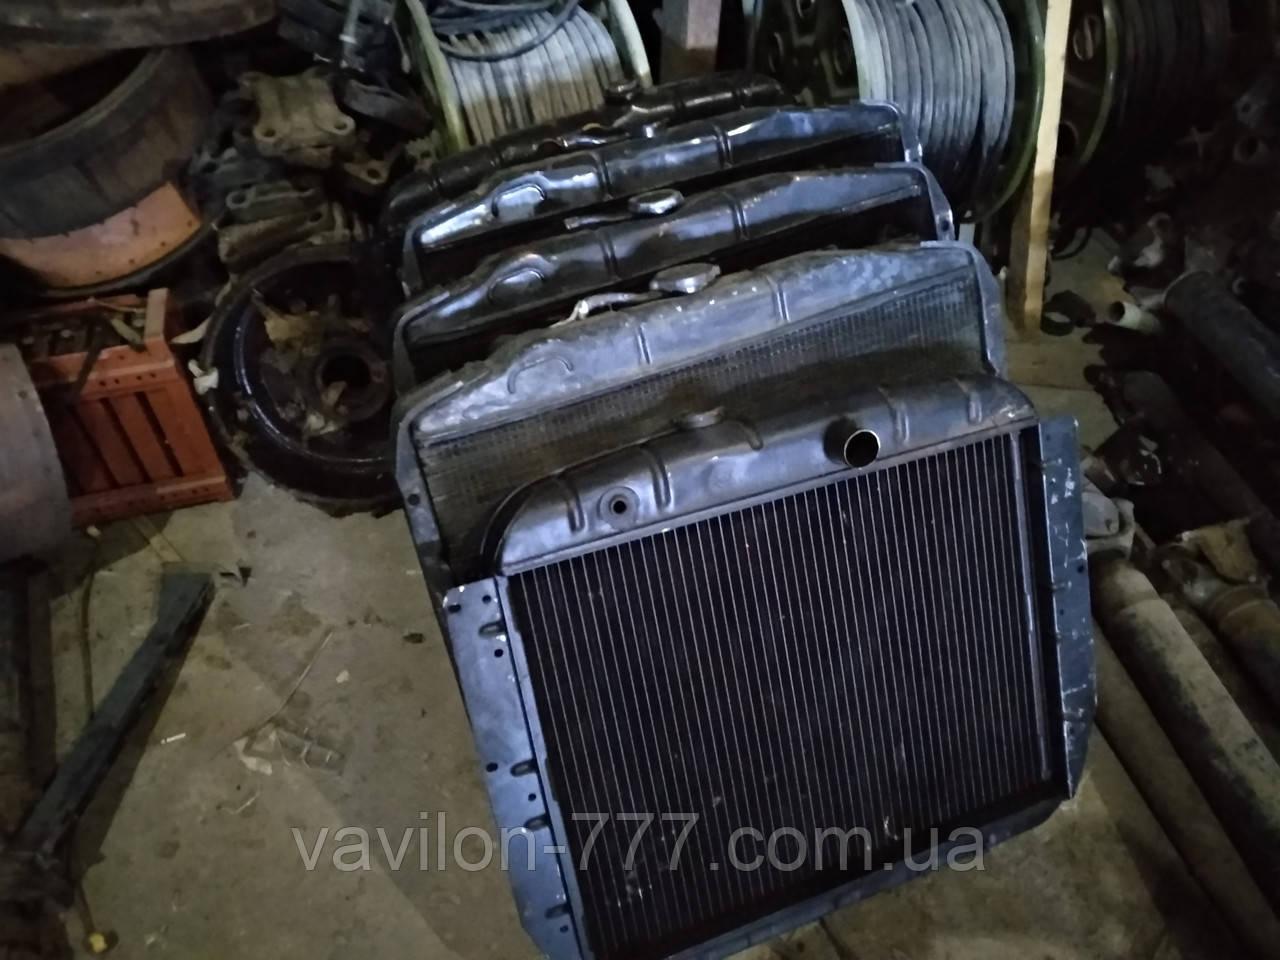 Радиатор МАЗ-5334